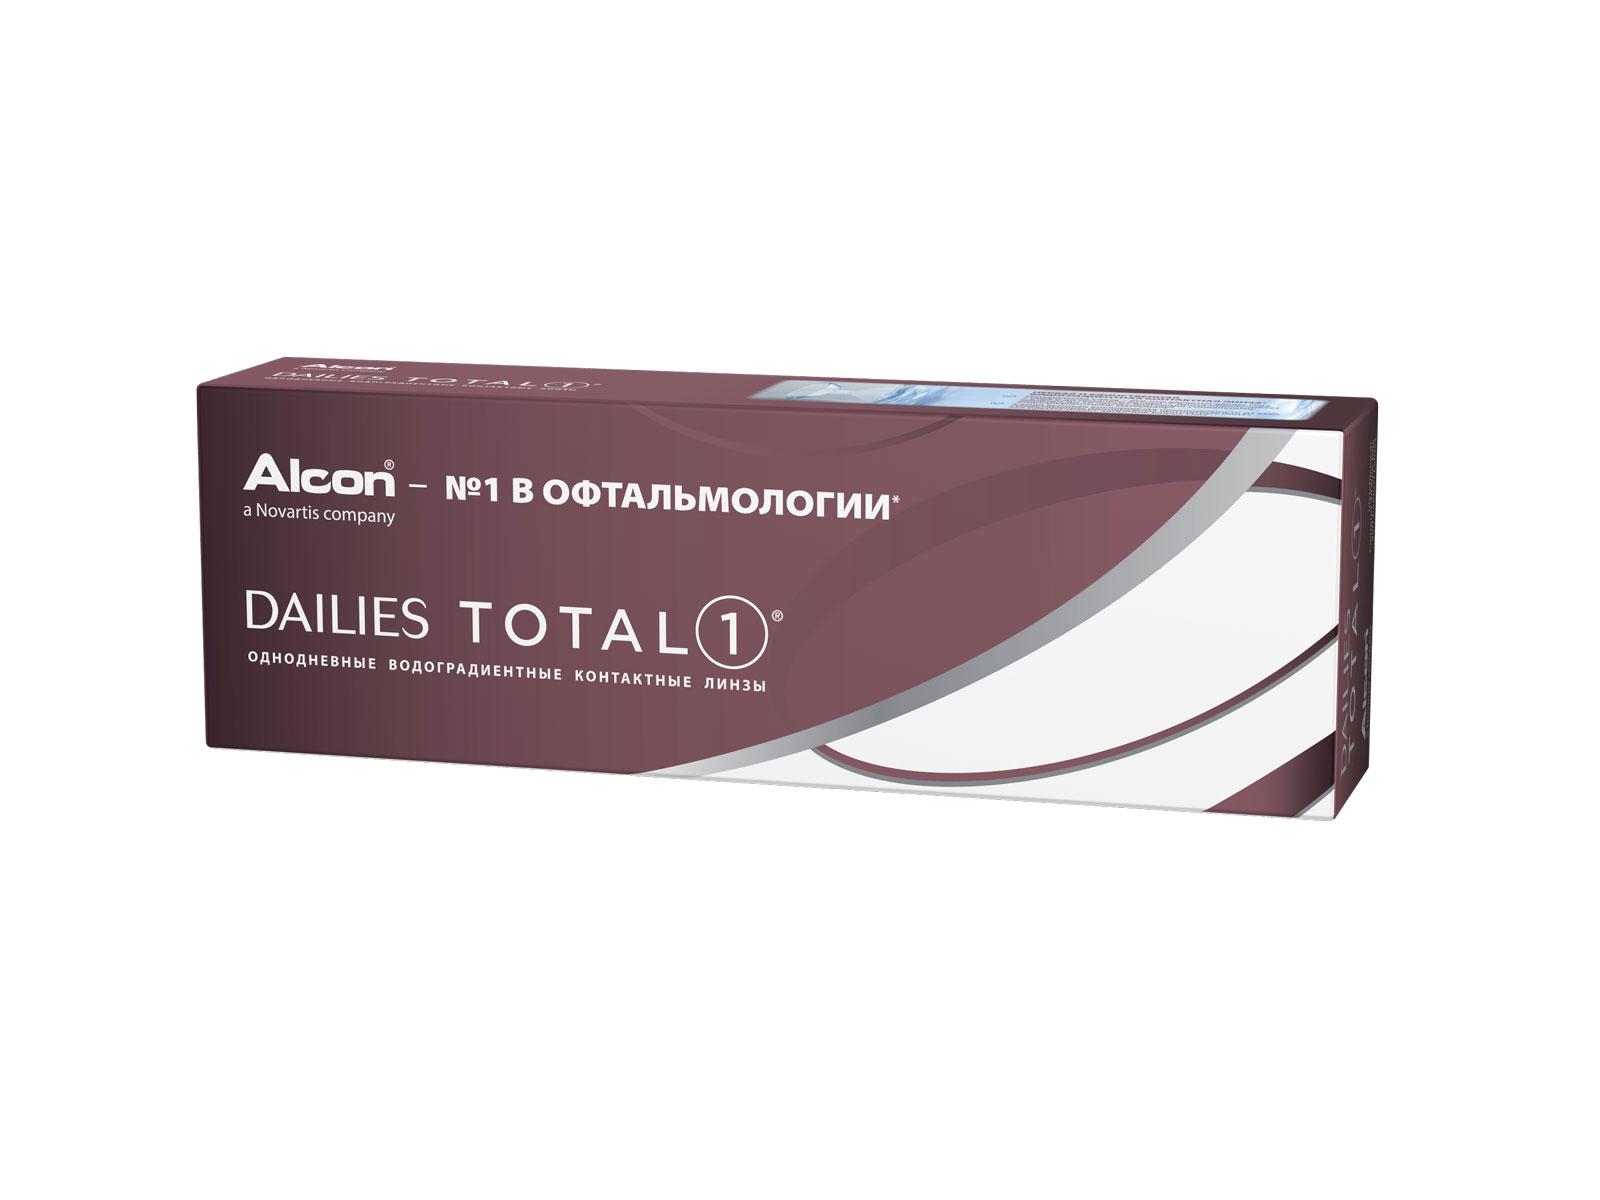 Alcon контактные линзы Dailies Total 1 30pk /+3.00 / 8.5 / 14.1100020747Dailies Total 1 – линзы, которые не чувствуешь с утра и до поздного вечера. Эти однодневные контактные линзы выполнены из уникального водоградиентного материала, багодаря которому натуральная слеза – это все, что касается ваших глаз. Почти 100% влаги на поверхности обеспечивают непревзойденный комфорт до 16 часов ношения.